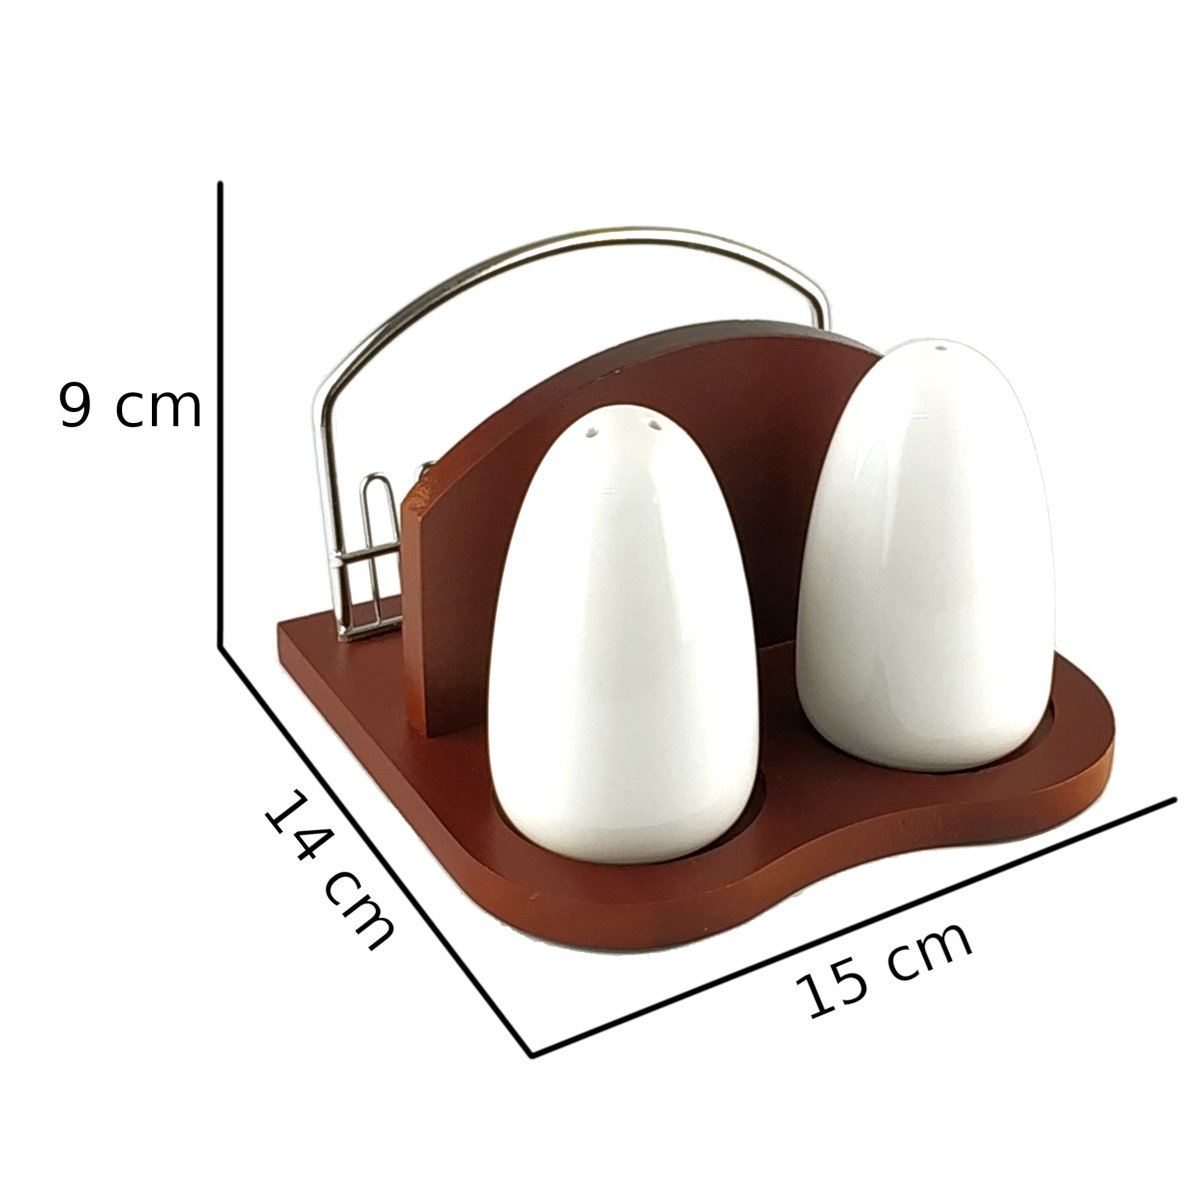 Σετ αλατοπίπερο και χαρτοπετσετοθήκη σε ξύλινη βάση